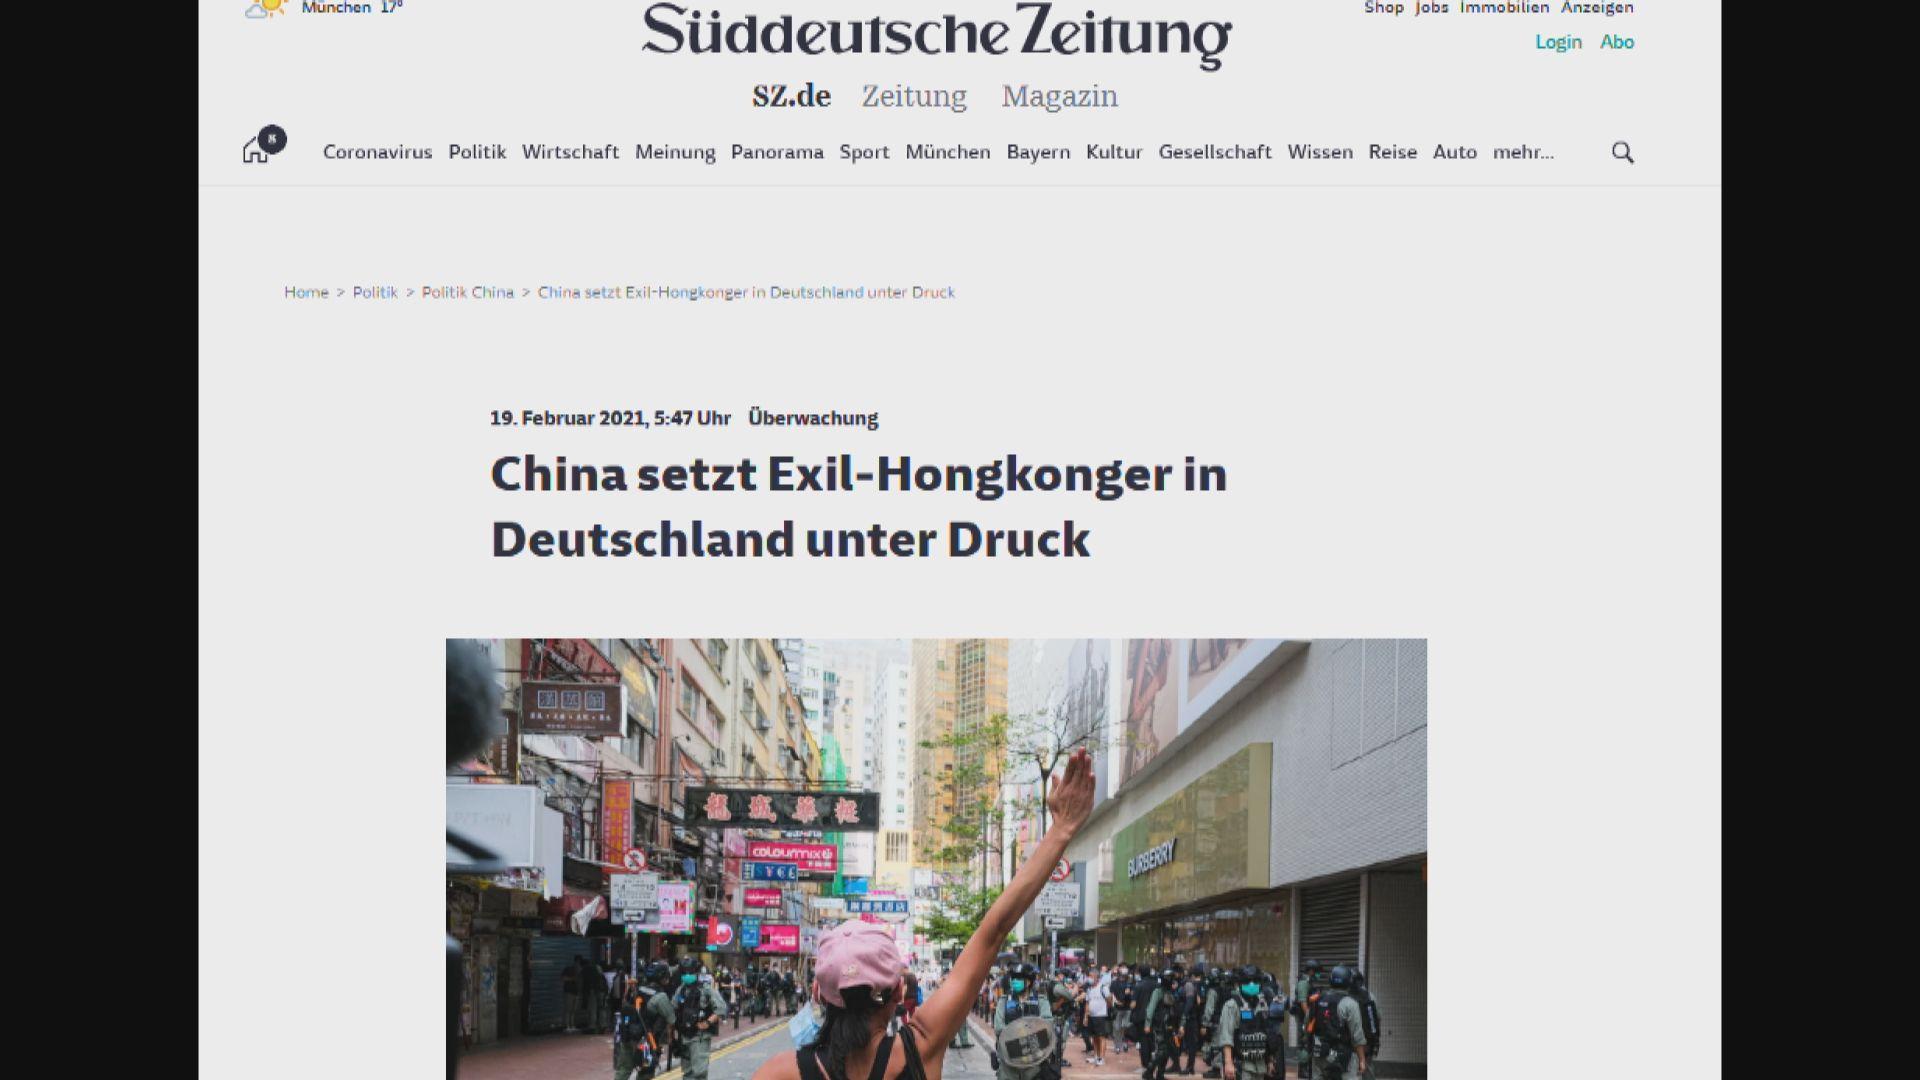 德國聲稱中國試圖威嚇居德香港人